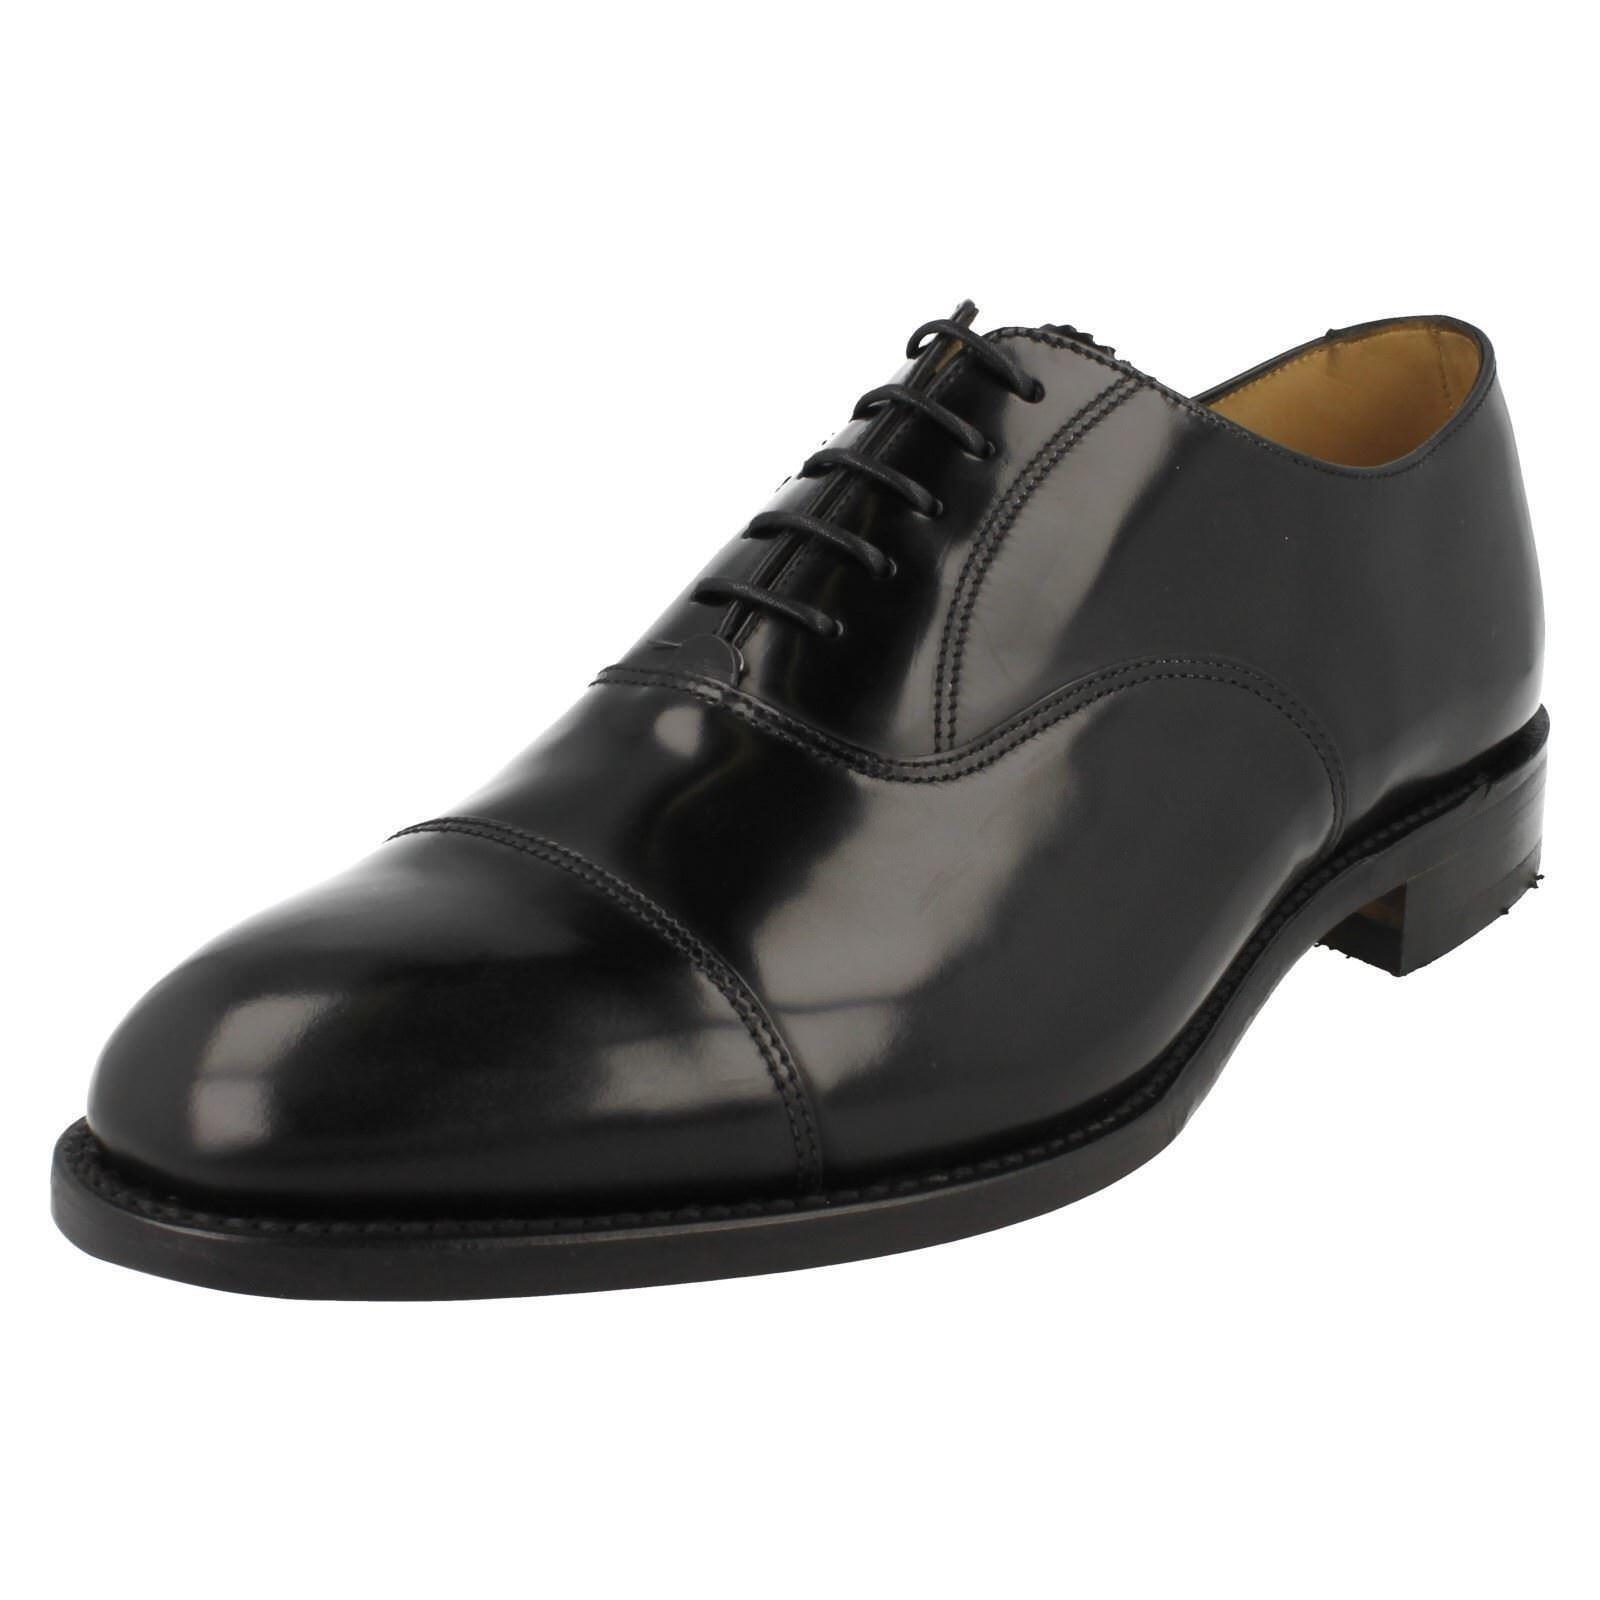 Herren 747B F Passung Schwarzes Leder Zehenkappe Schnürschuhe Schuhe von Loake